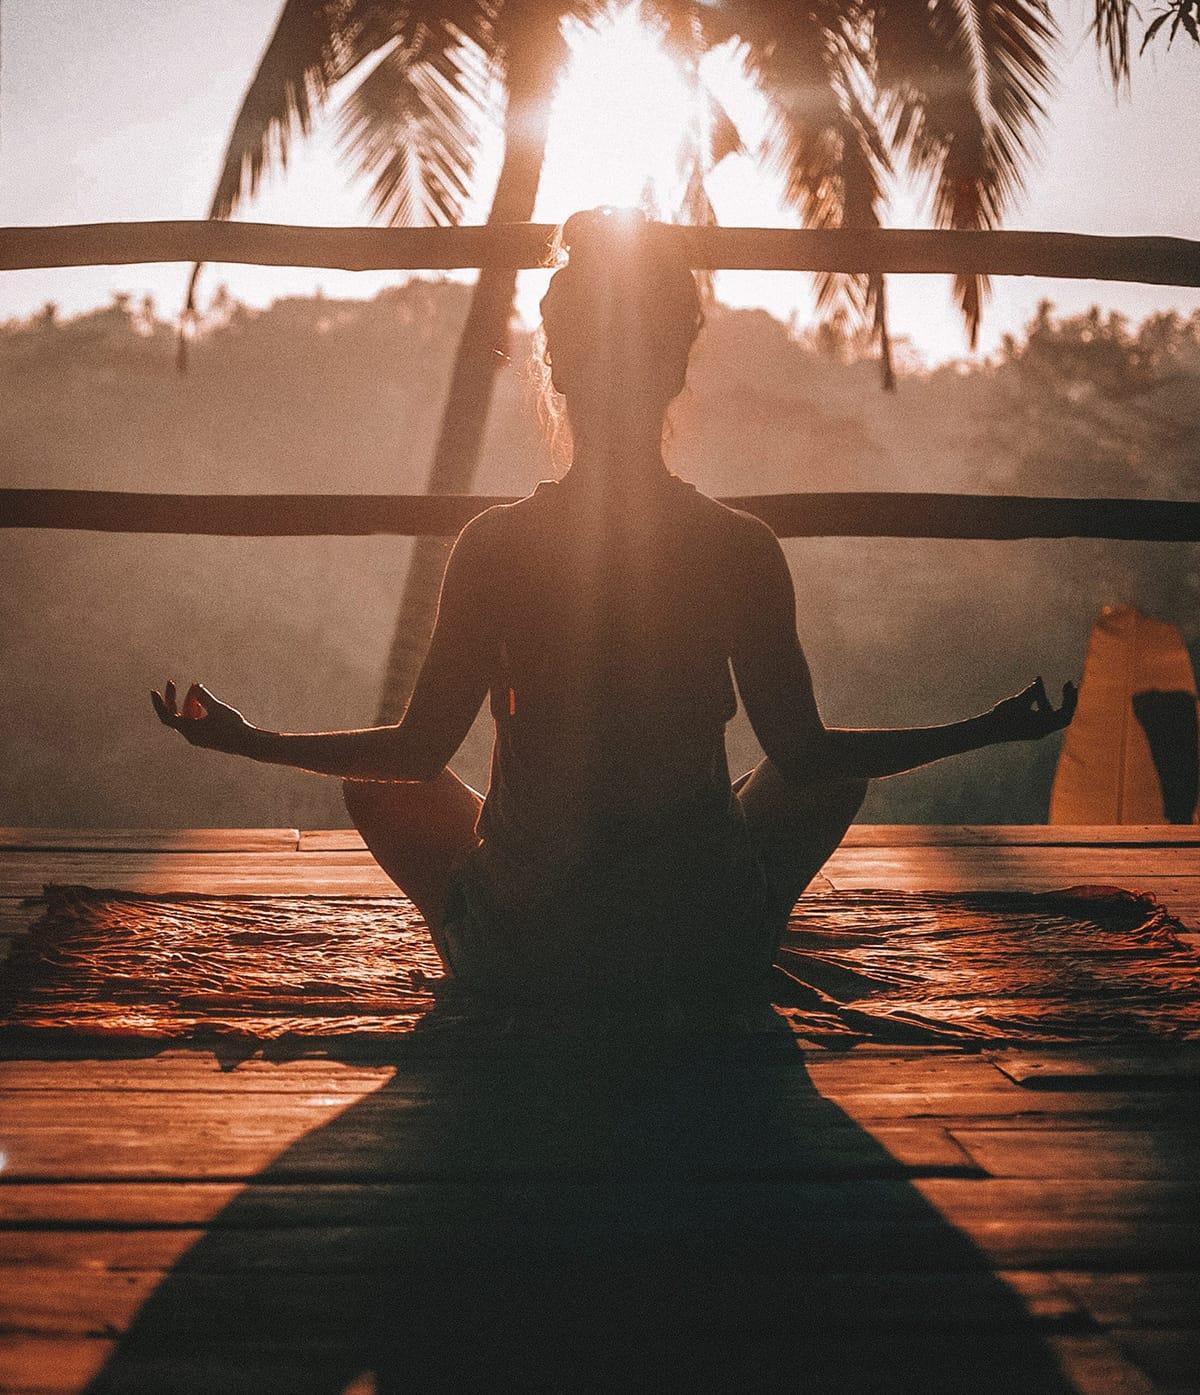 Entspannte Urlaubsarten wie etwa ein Yoga-Retreat bieten Entspannung und spirituelle Erlebnisse.